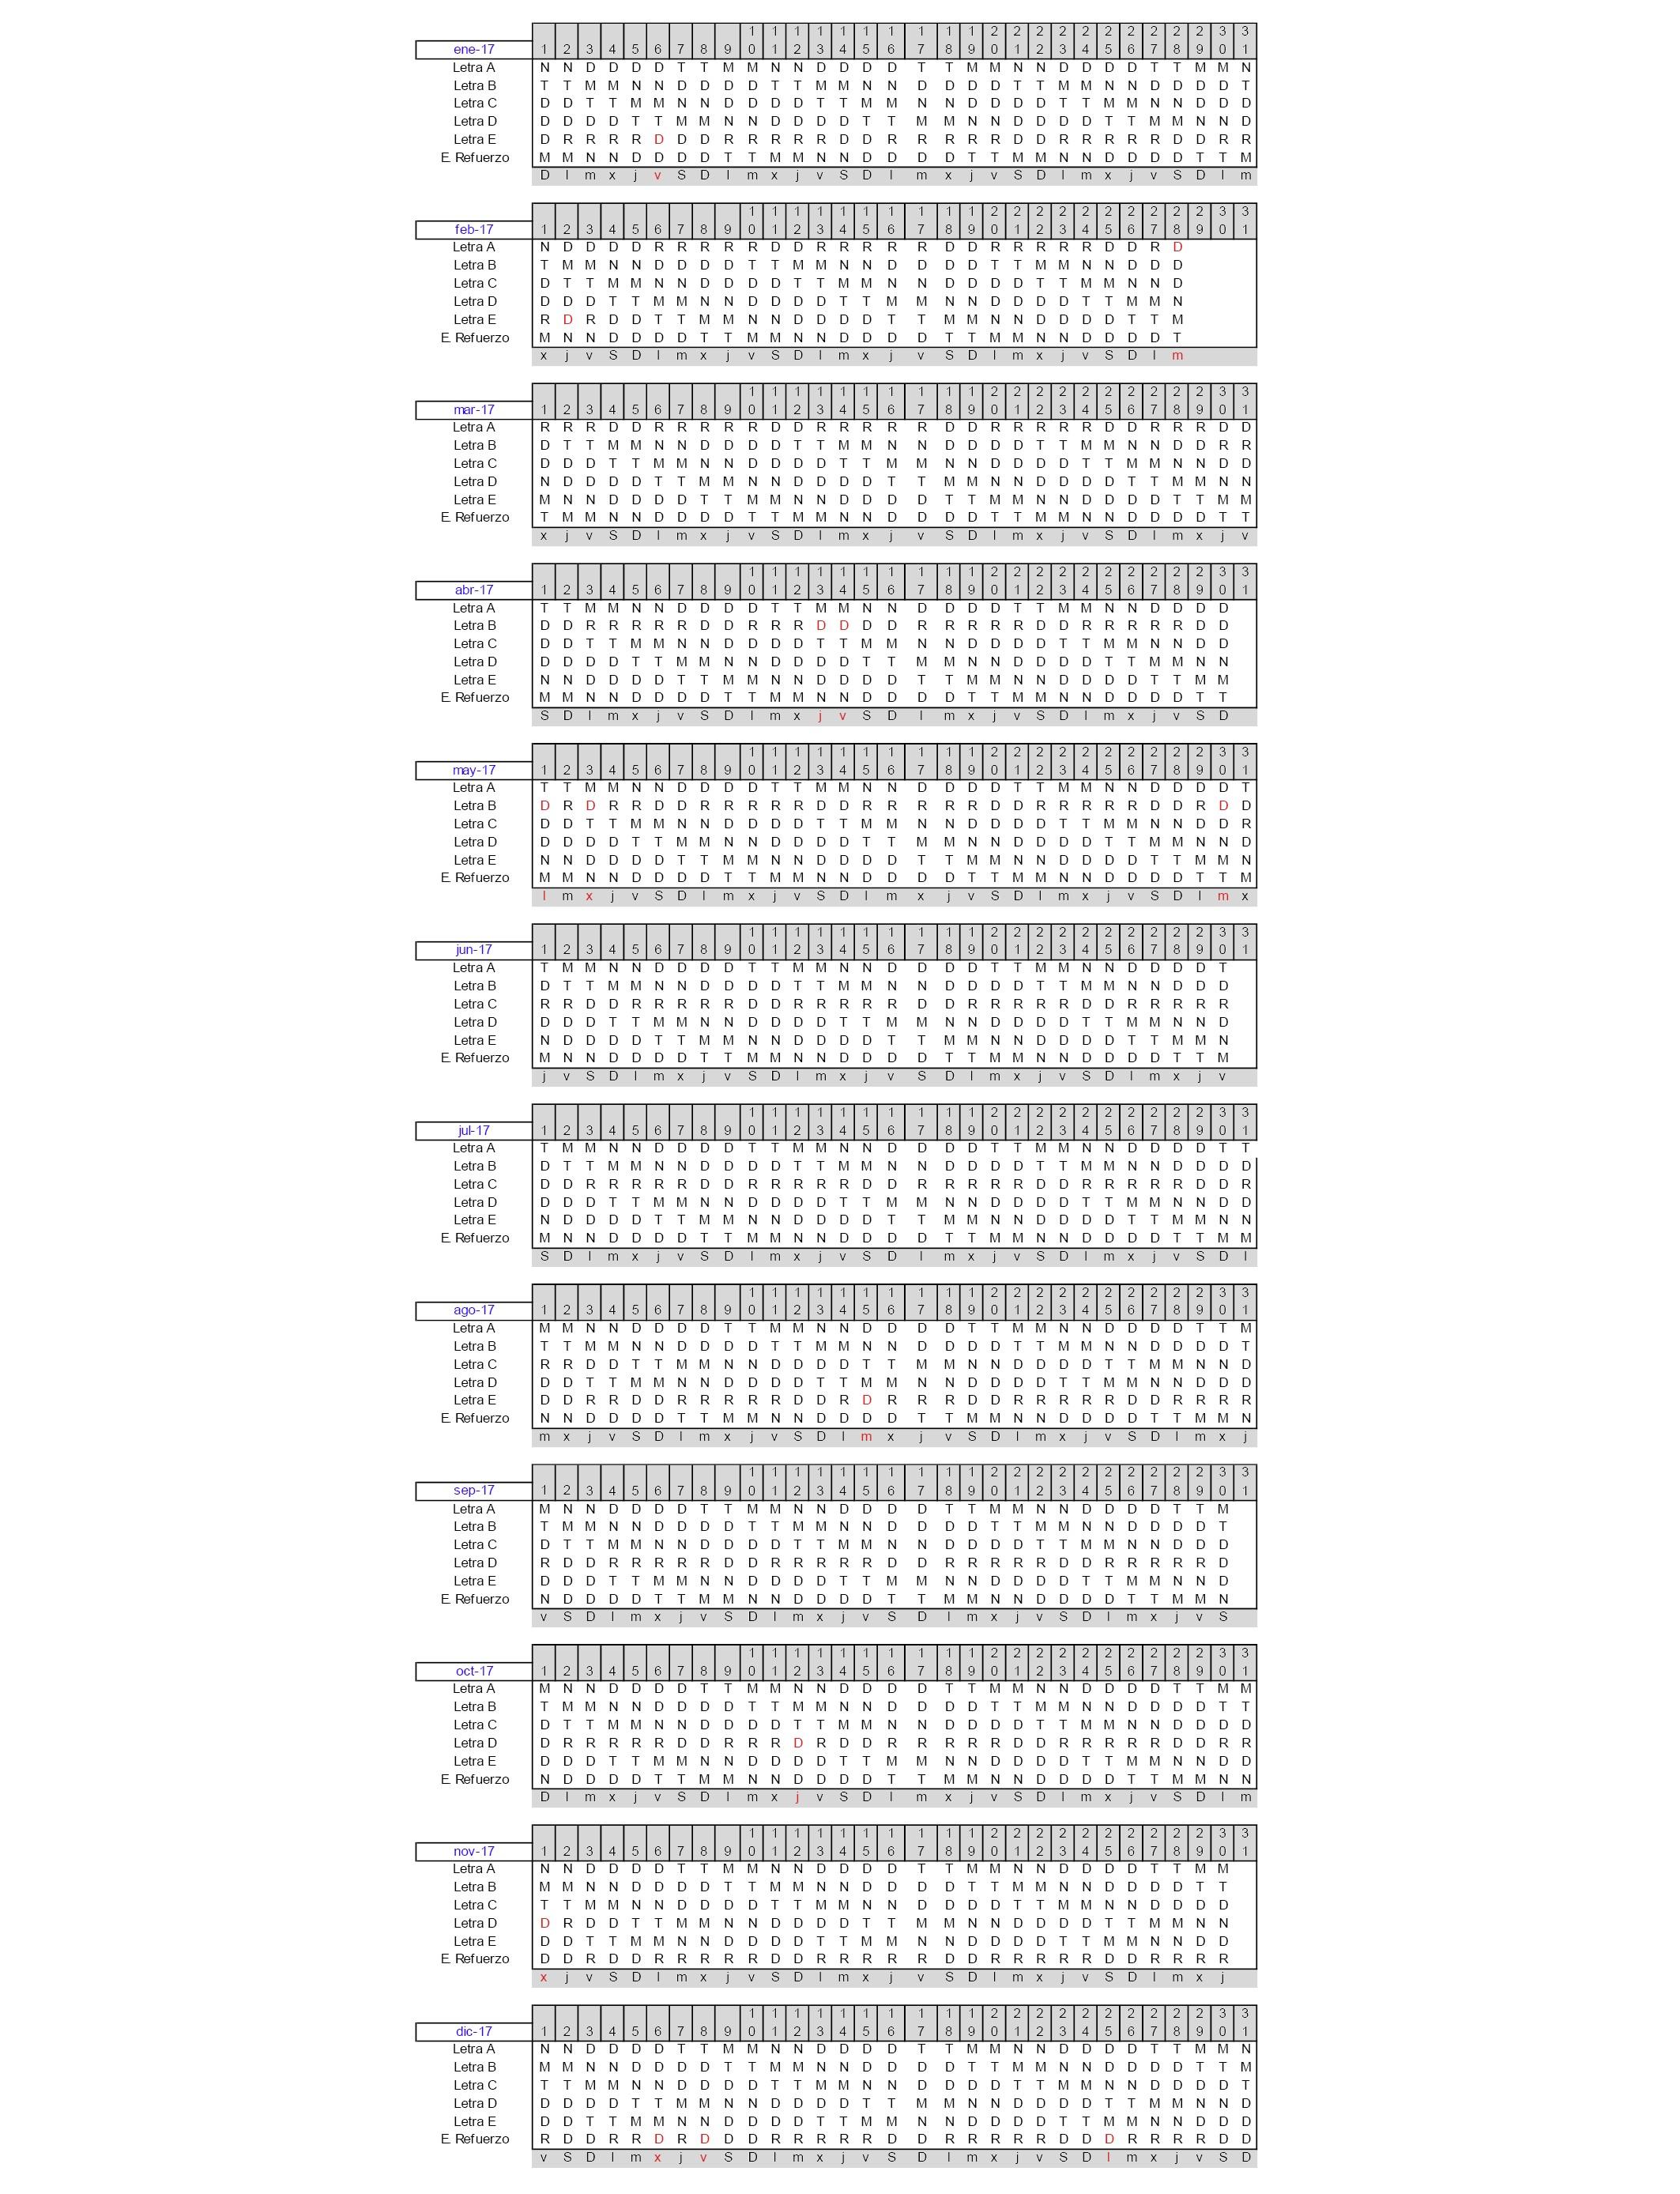 Calendario Escolar Diciembre 2019 Más Caliente Boe Documento Boe A 2016 5551 Of Calendario Escolar Diciembre 2019 Más Recientes Best Calendario Enero 2019 Para Imprimir Gratis Image Collection